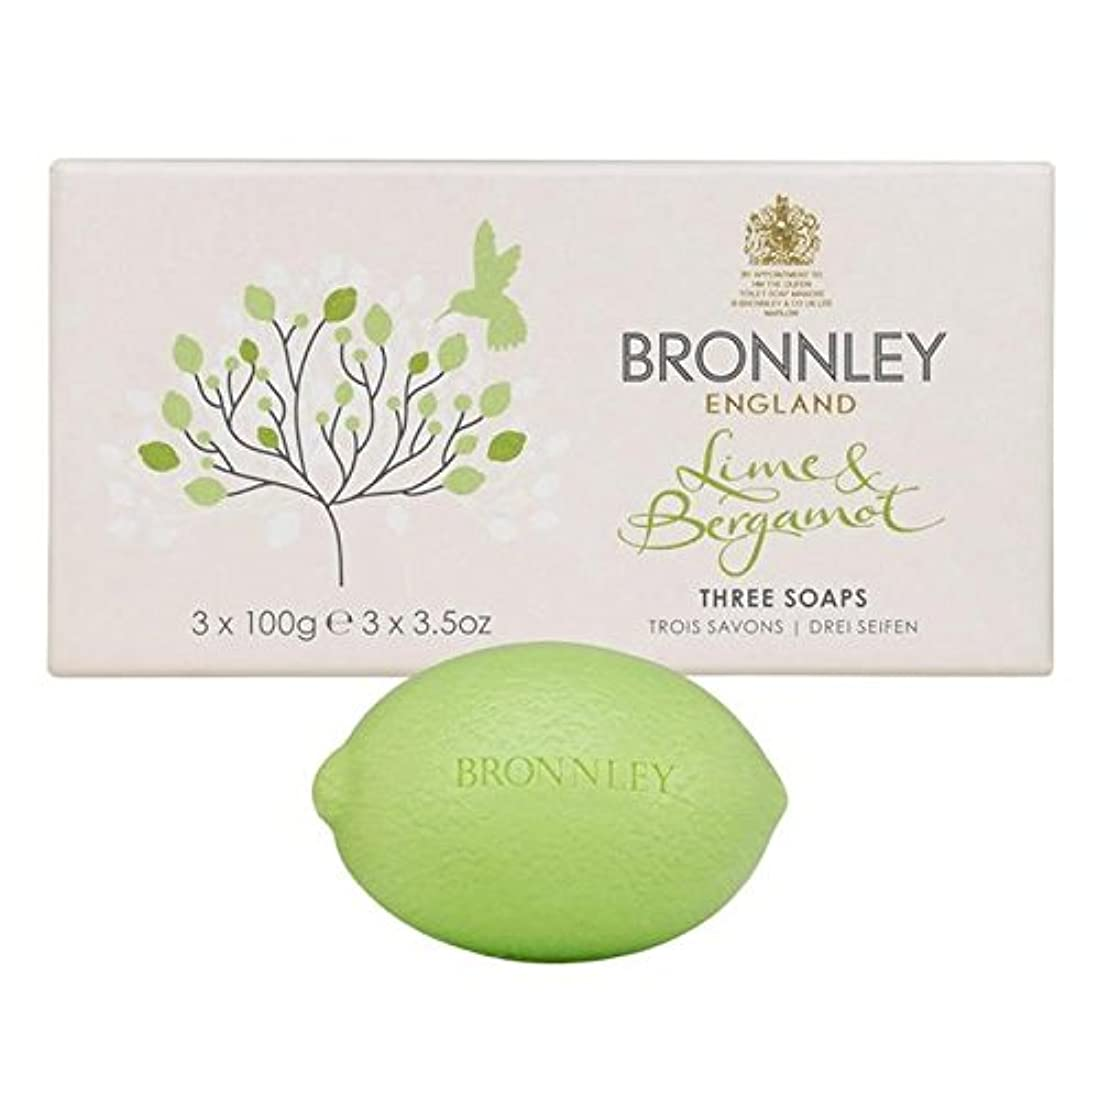 オレンジ敬の念マティスBronnley Lime & Bergamot Soap 3 x 100g - ライム&ベルガモット石鹸3×100グラム [並行輸入品]